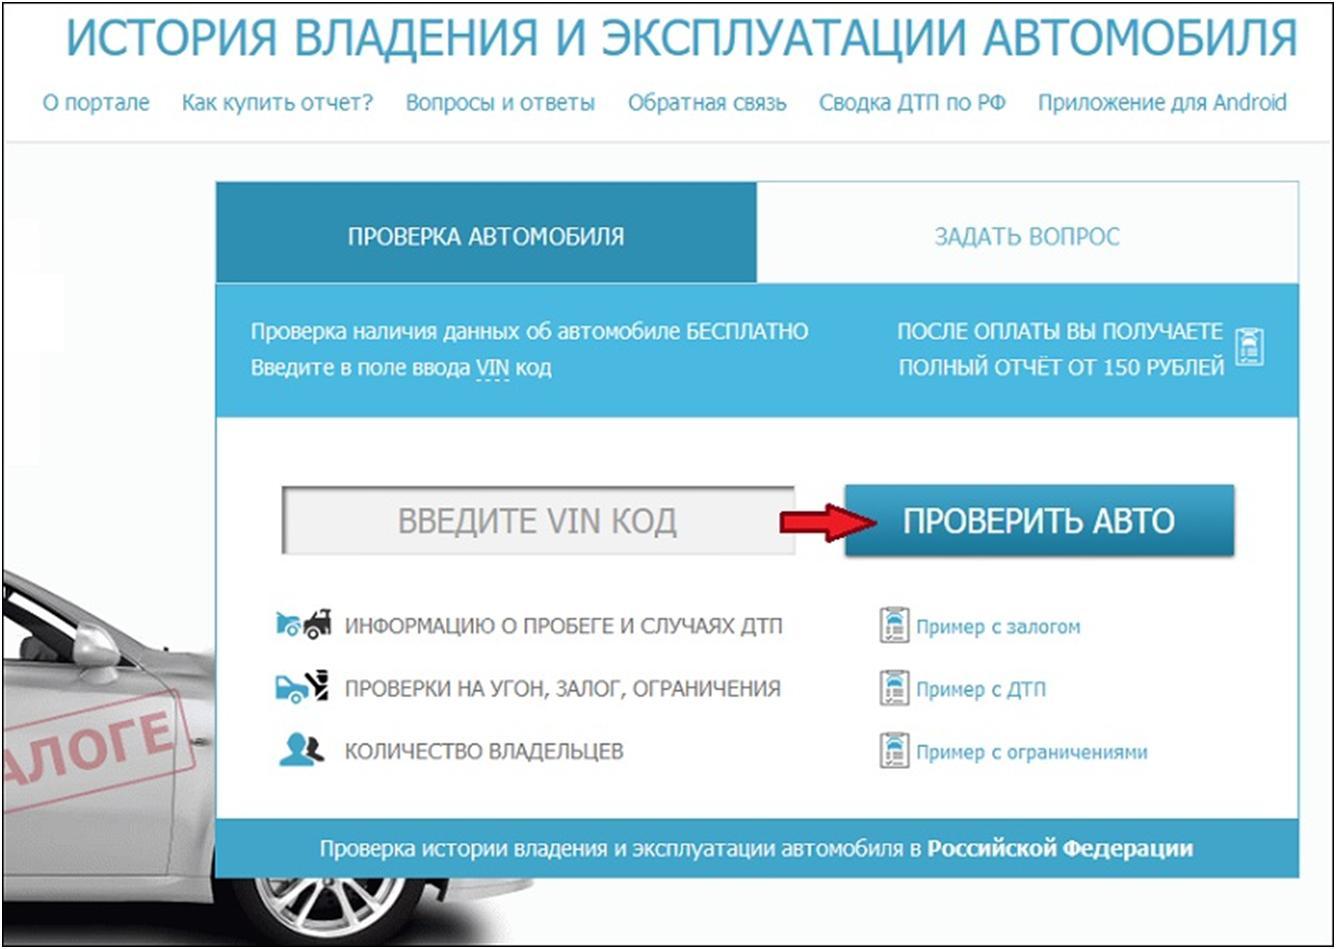 Банки которые дают кредит на 7 лет москва